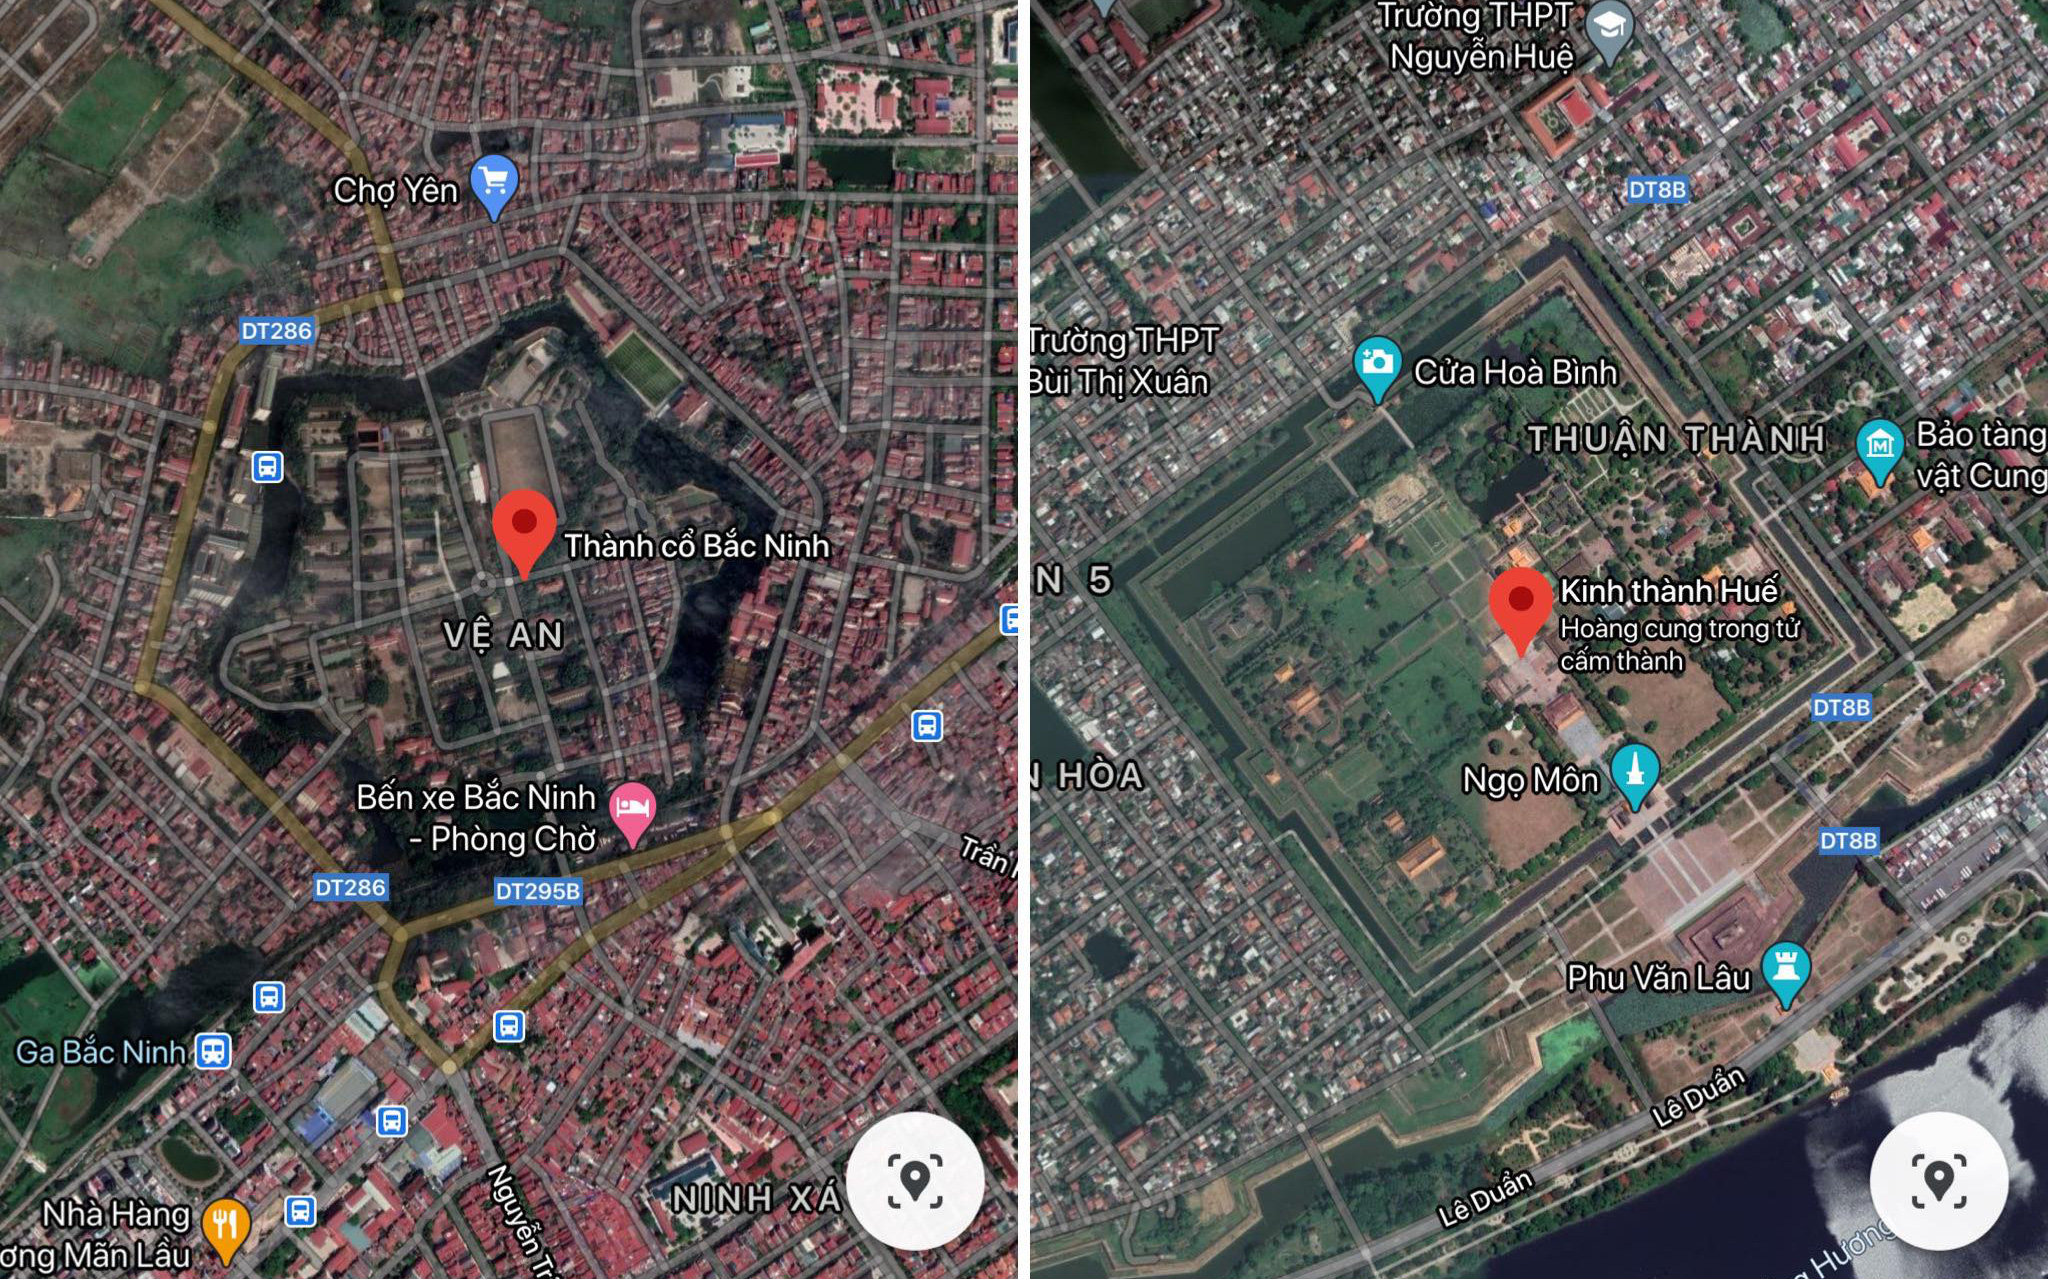 Những bức ảnh thành cổ tại Việt Nam nhìn từ Google Maps khiến cộng đồng mạng trầm trồ